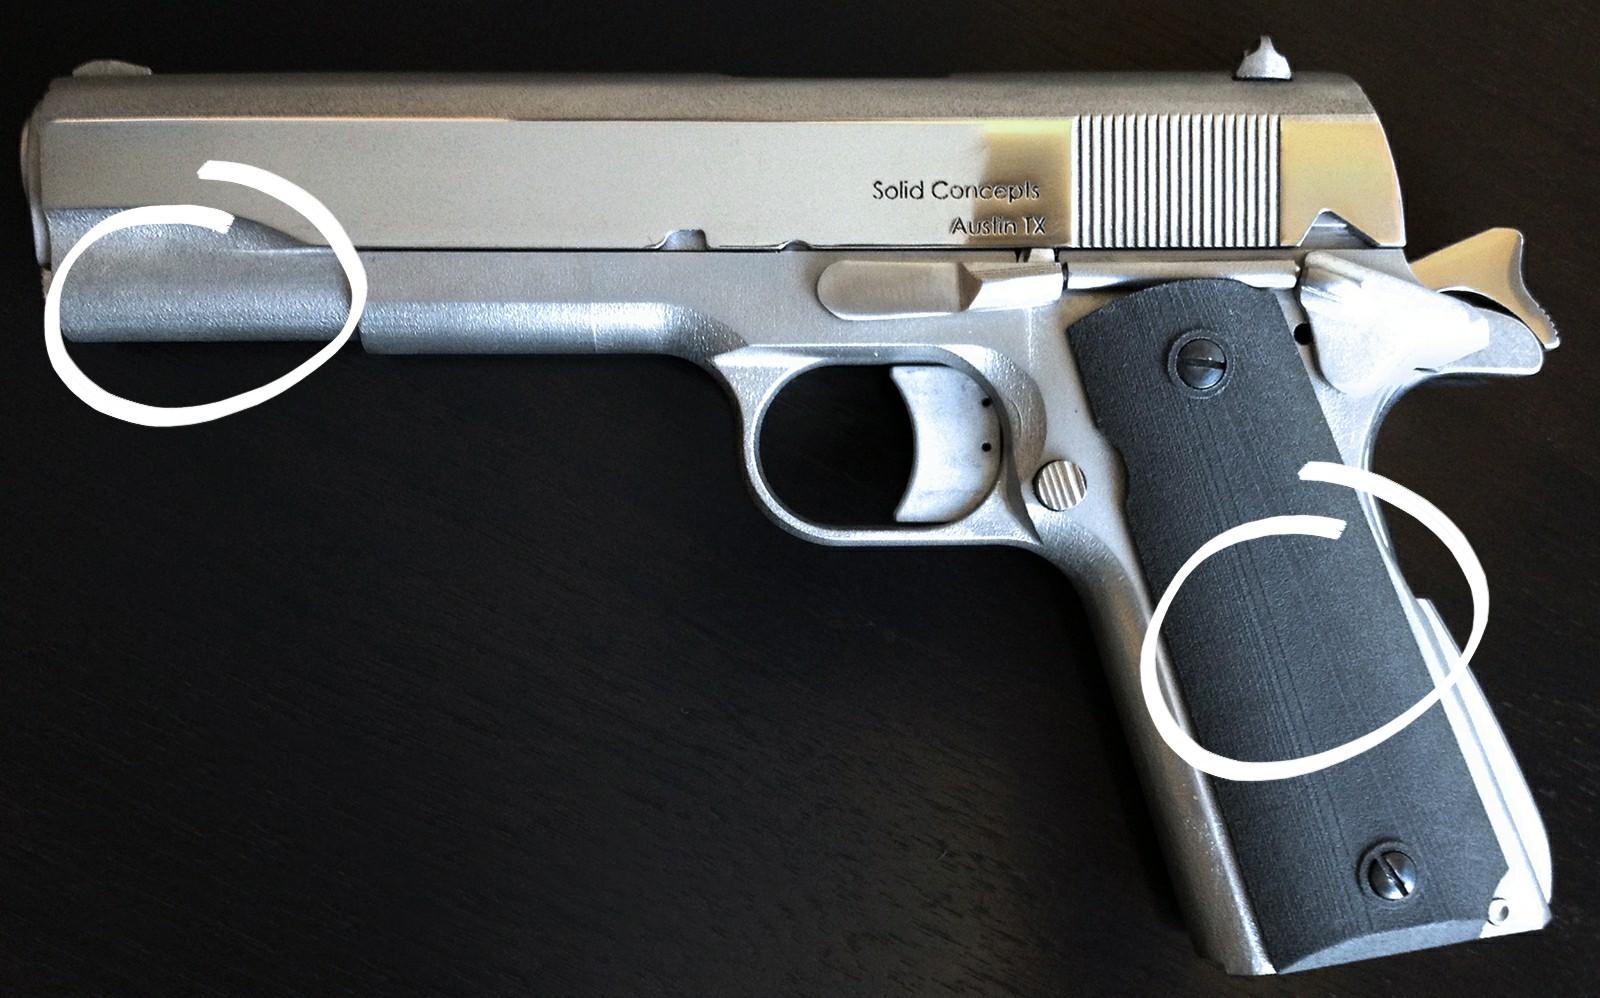 Огнестрельный DIY: история и перспективы 3D-печатного оружия - 22